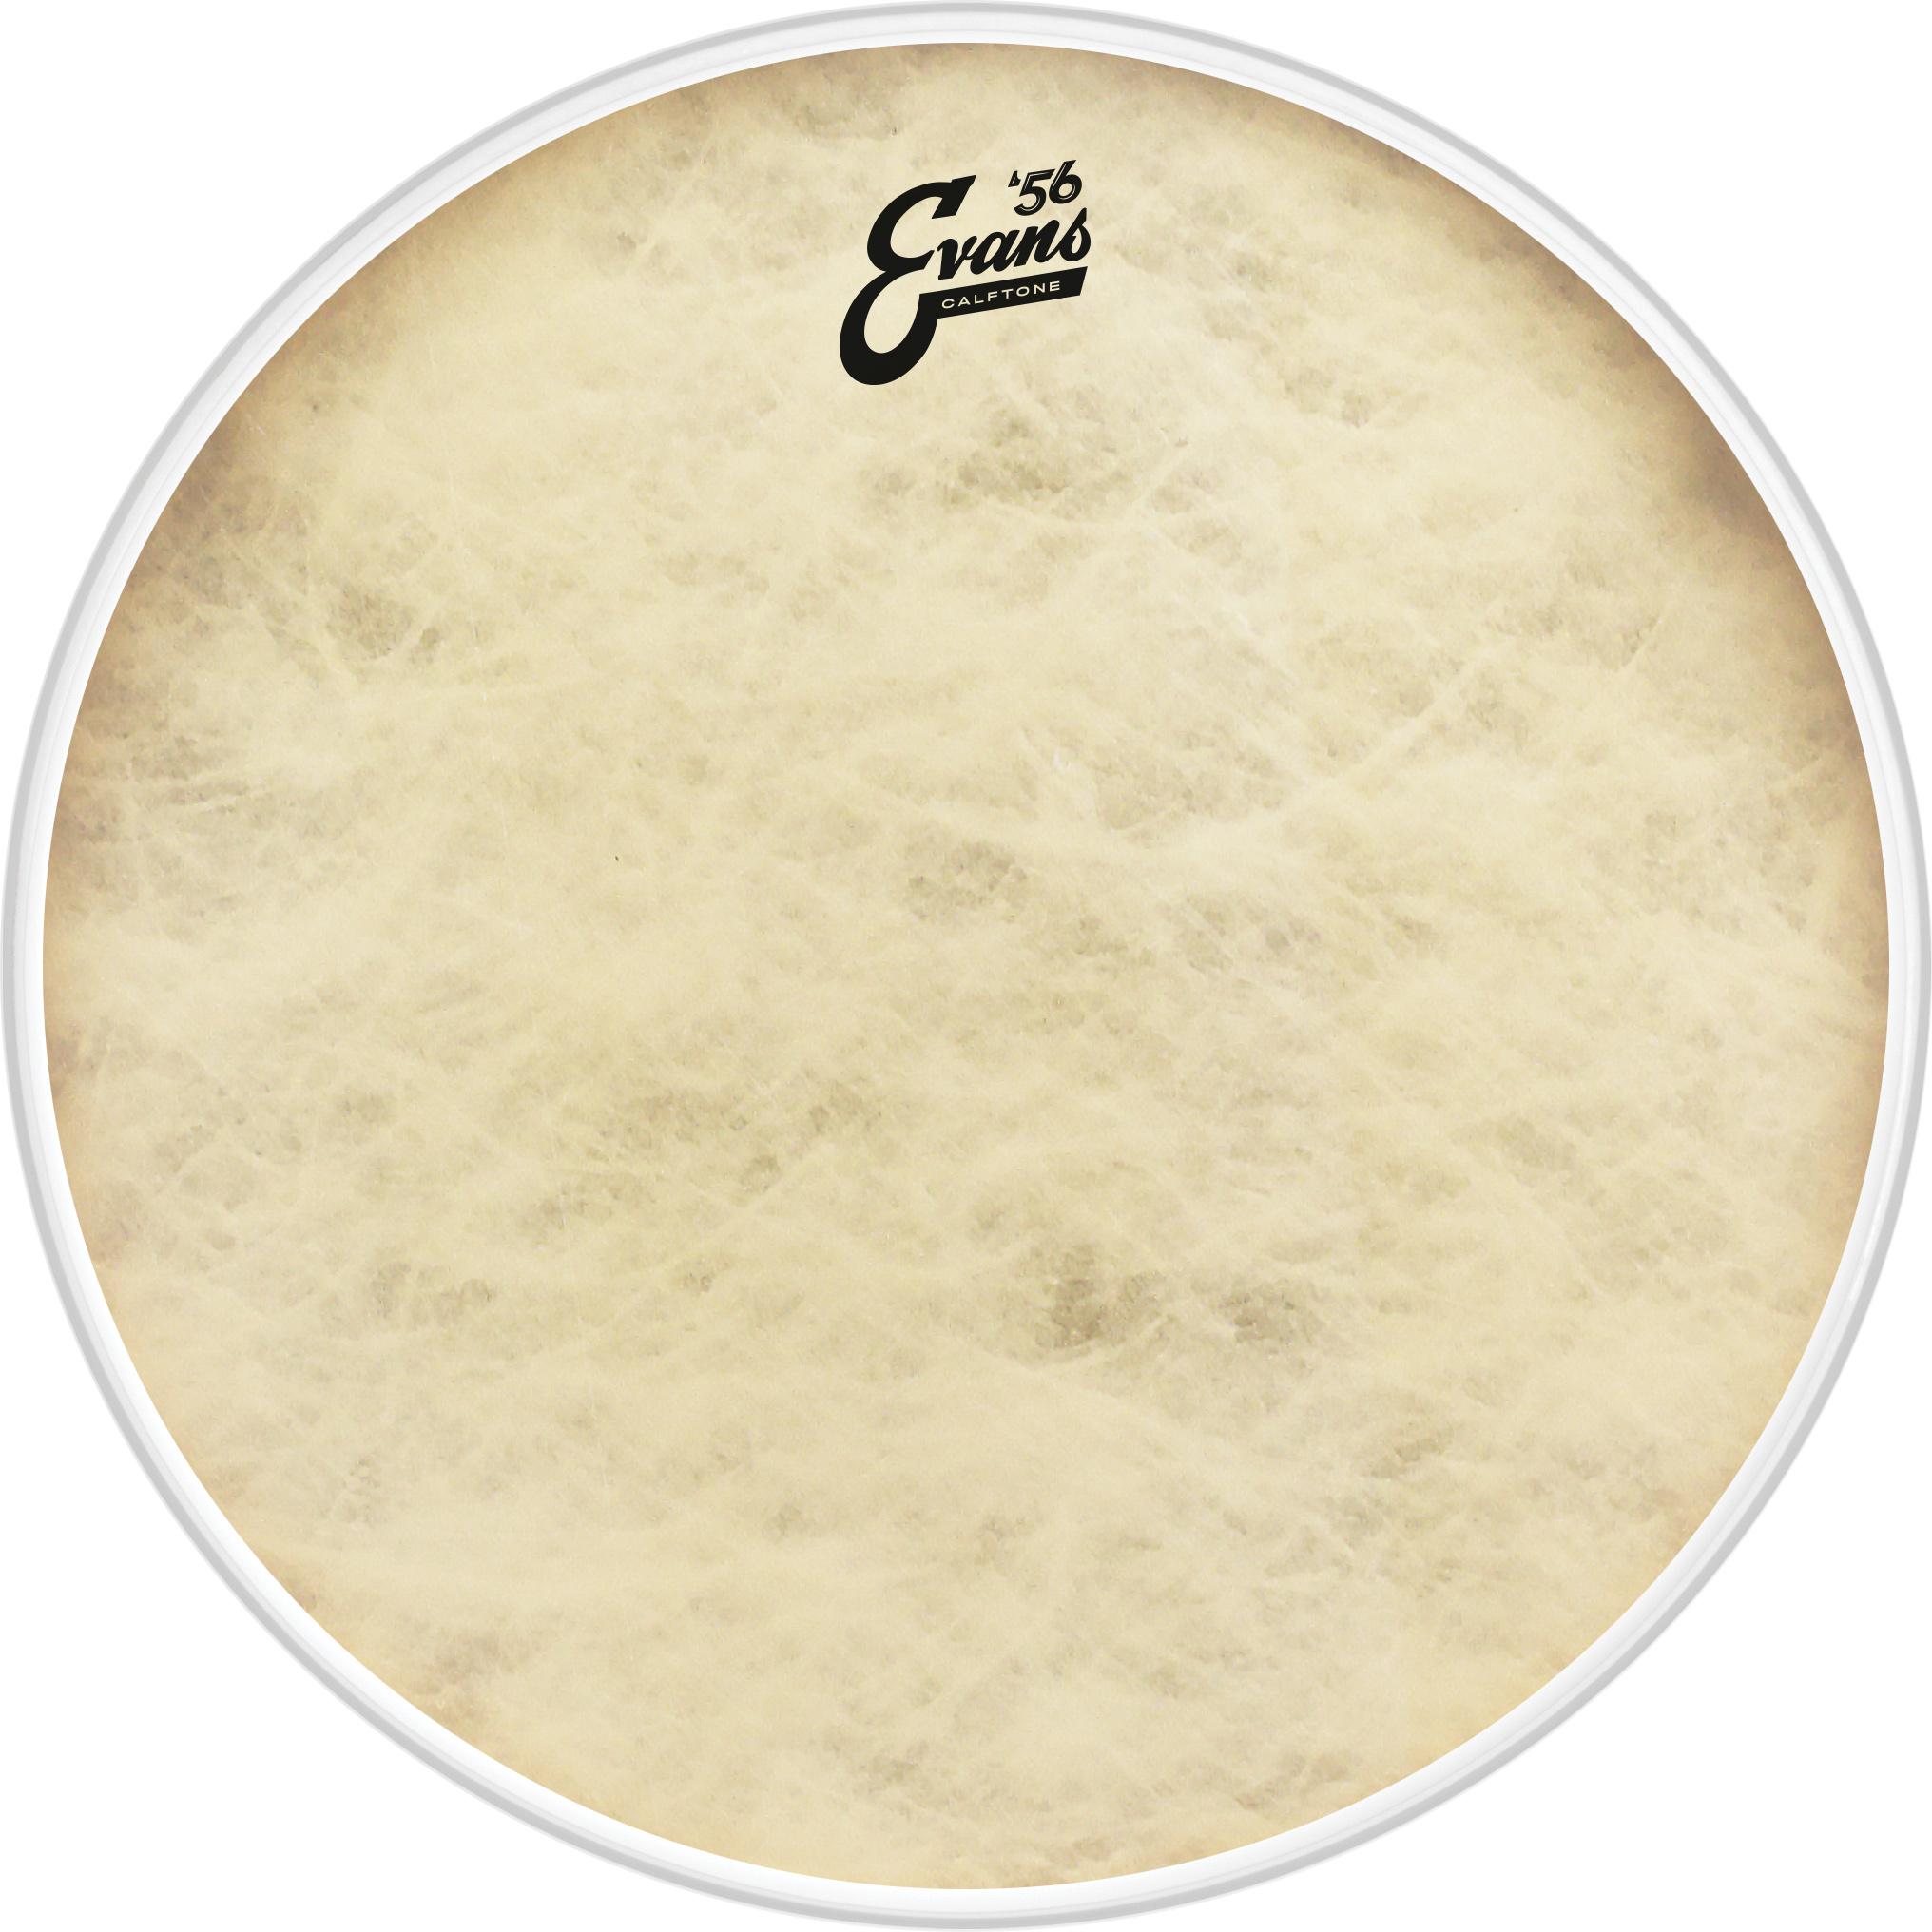 Evans Calftone Bass Drum Head 20 Inch